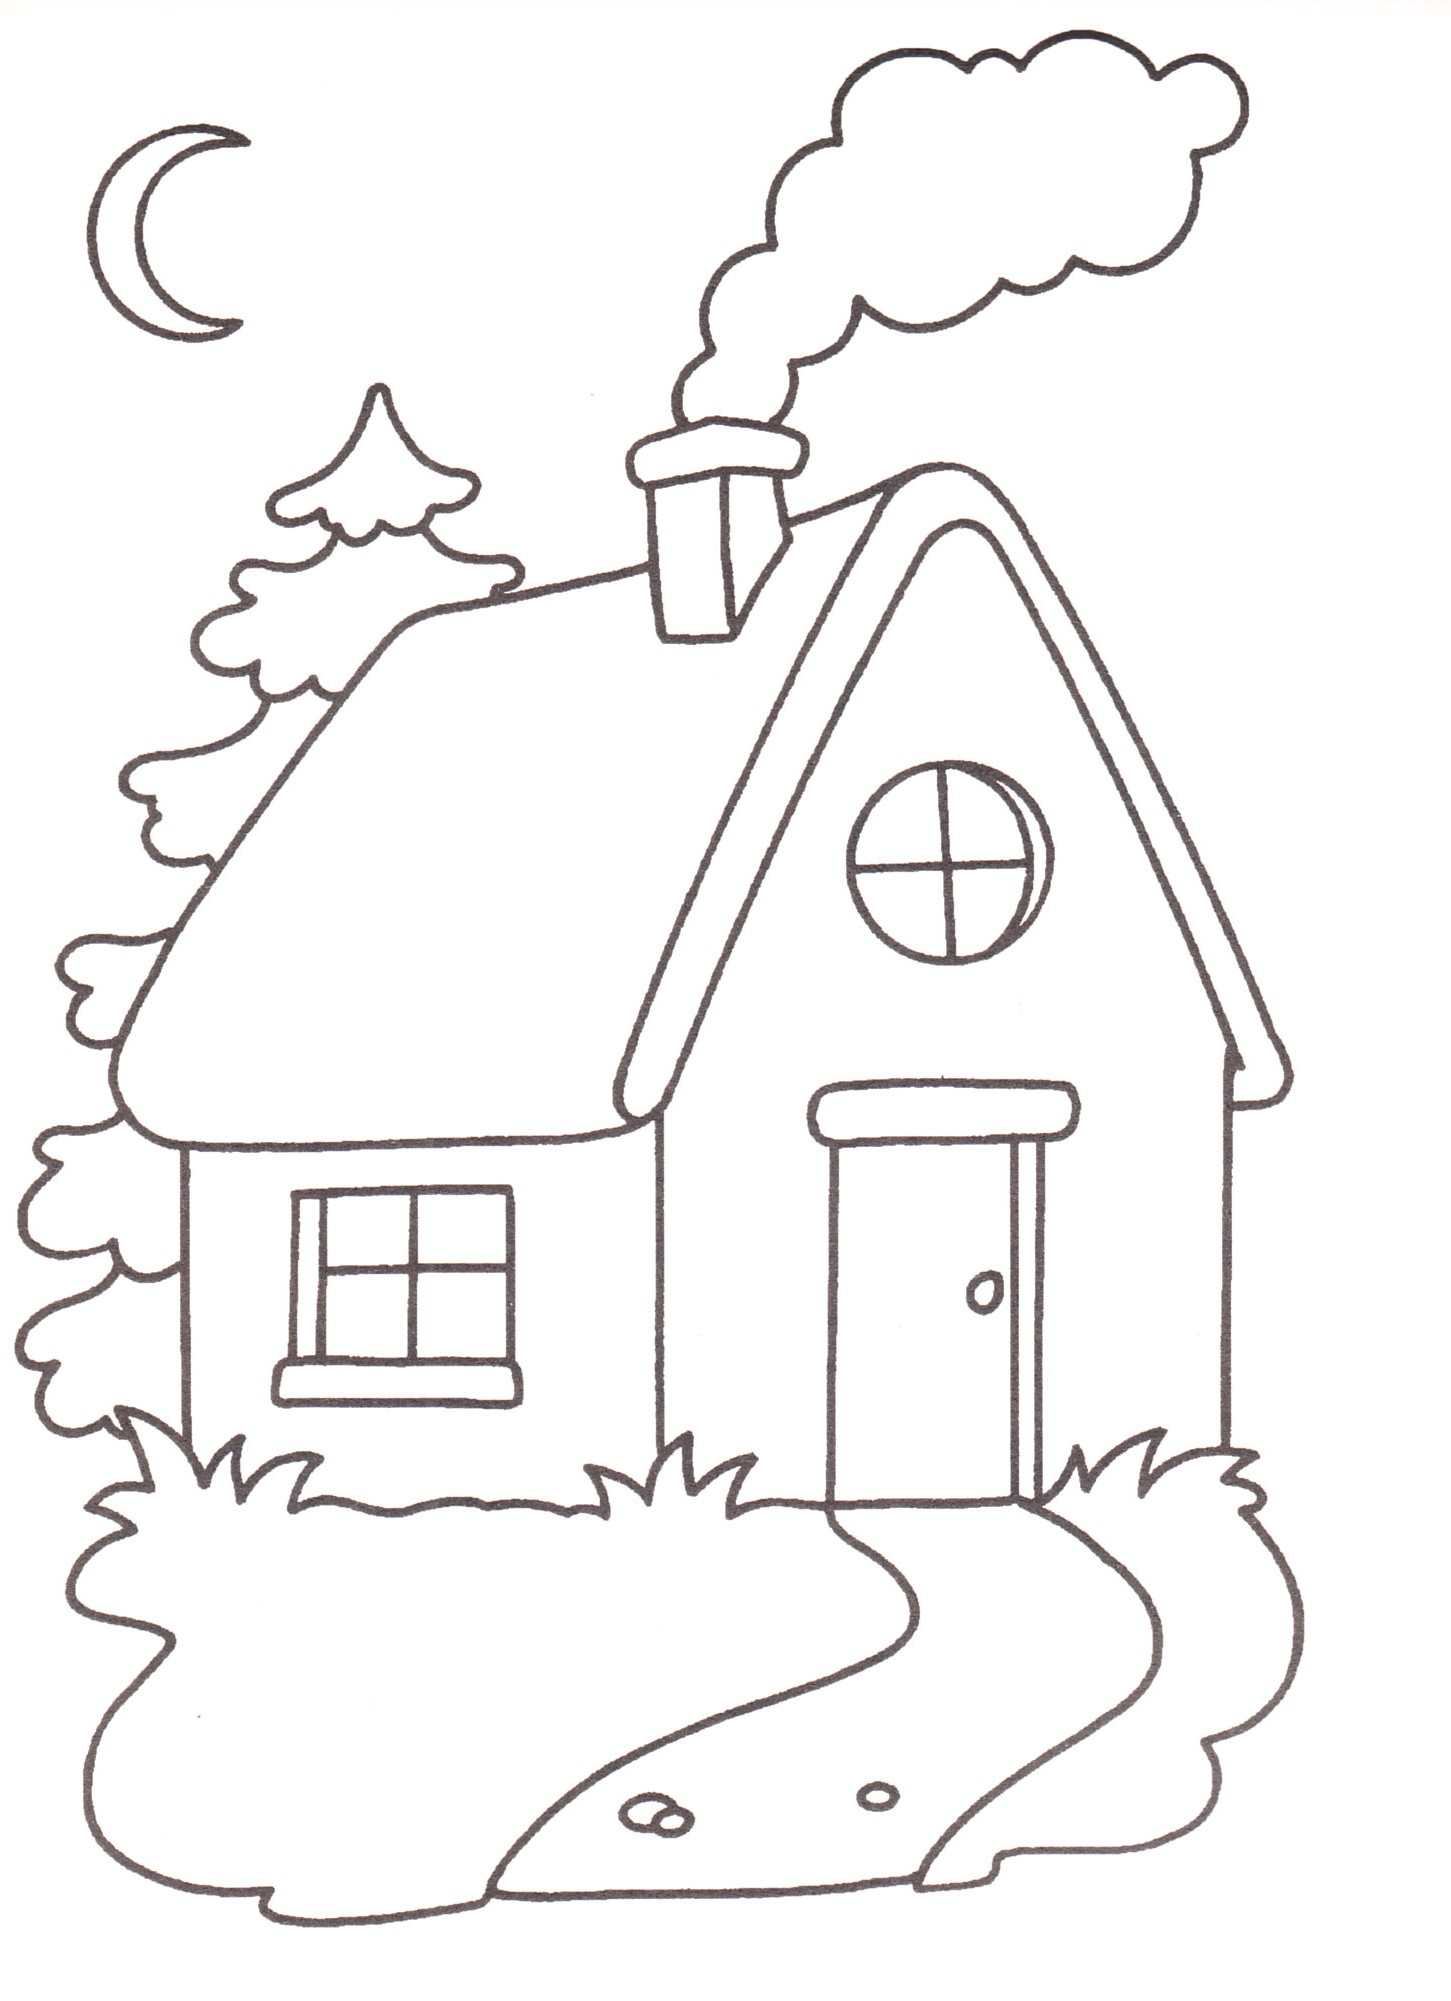 Disegni da stampare e colorare casa - Disegni di casa da colorare per bambini ...